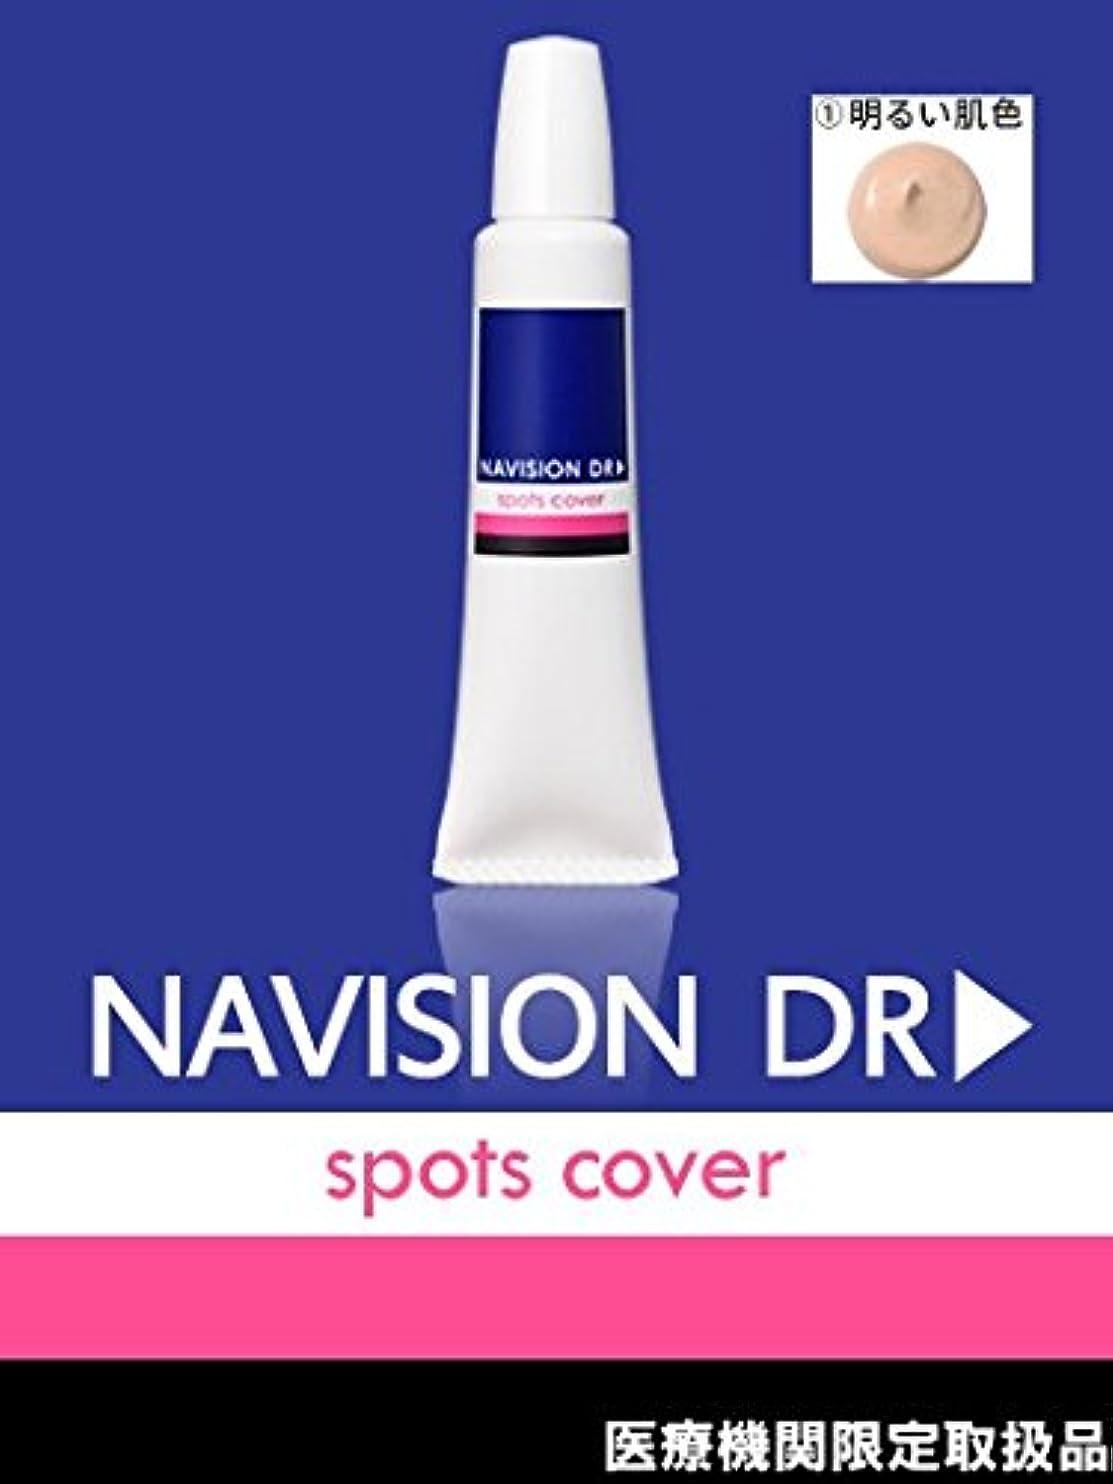 ポール一月公使館NAVISION DR? ナビジョンDR スポッツカバー ①明るい肌色 SPF40?PA+++【医療機関限定取扱品】